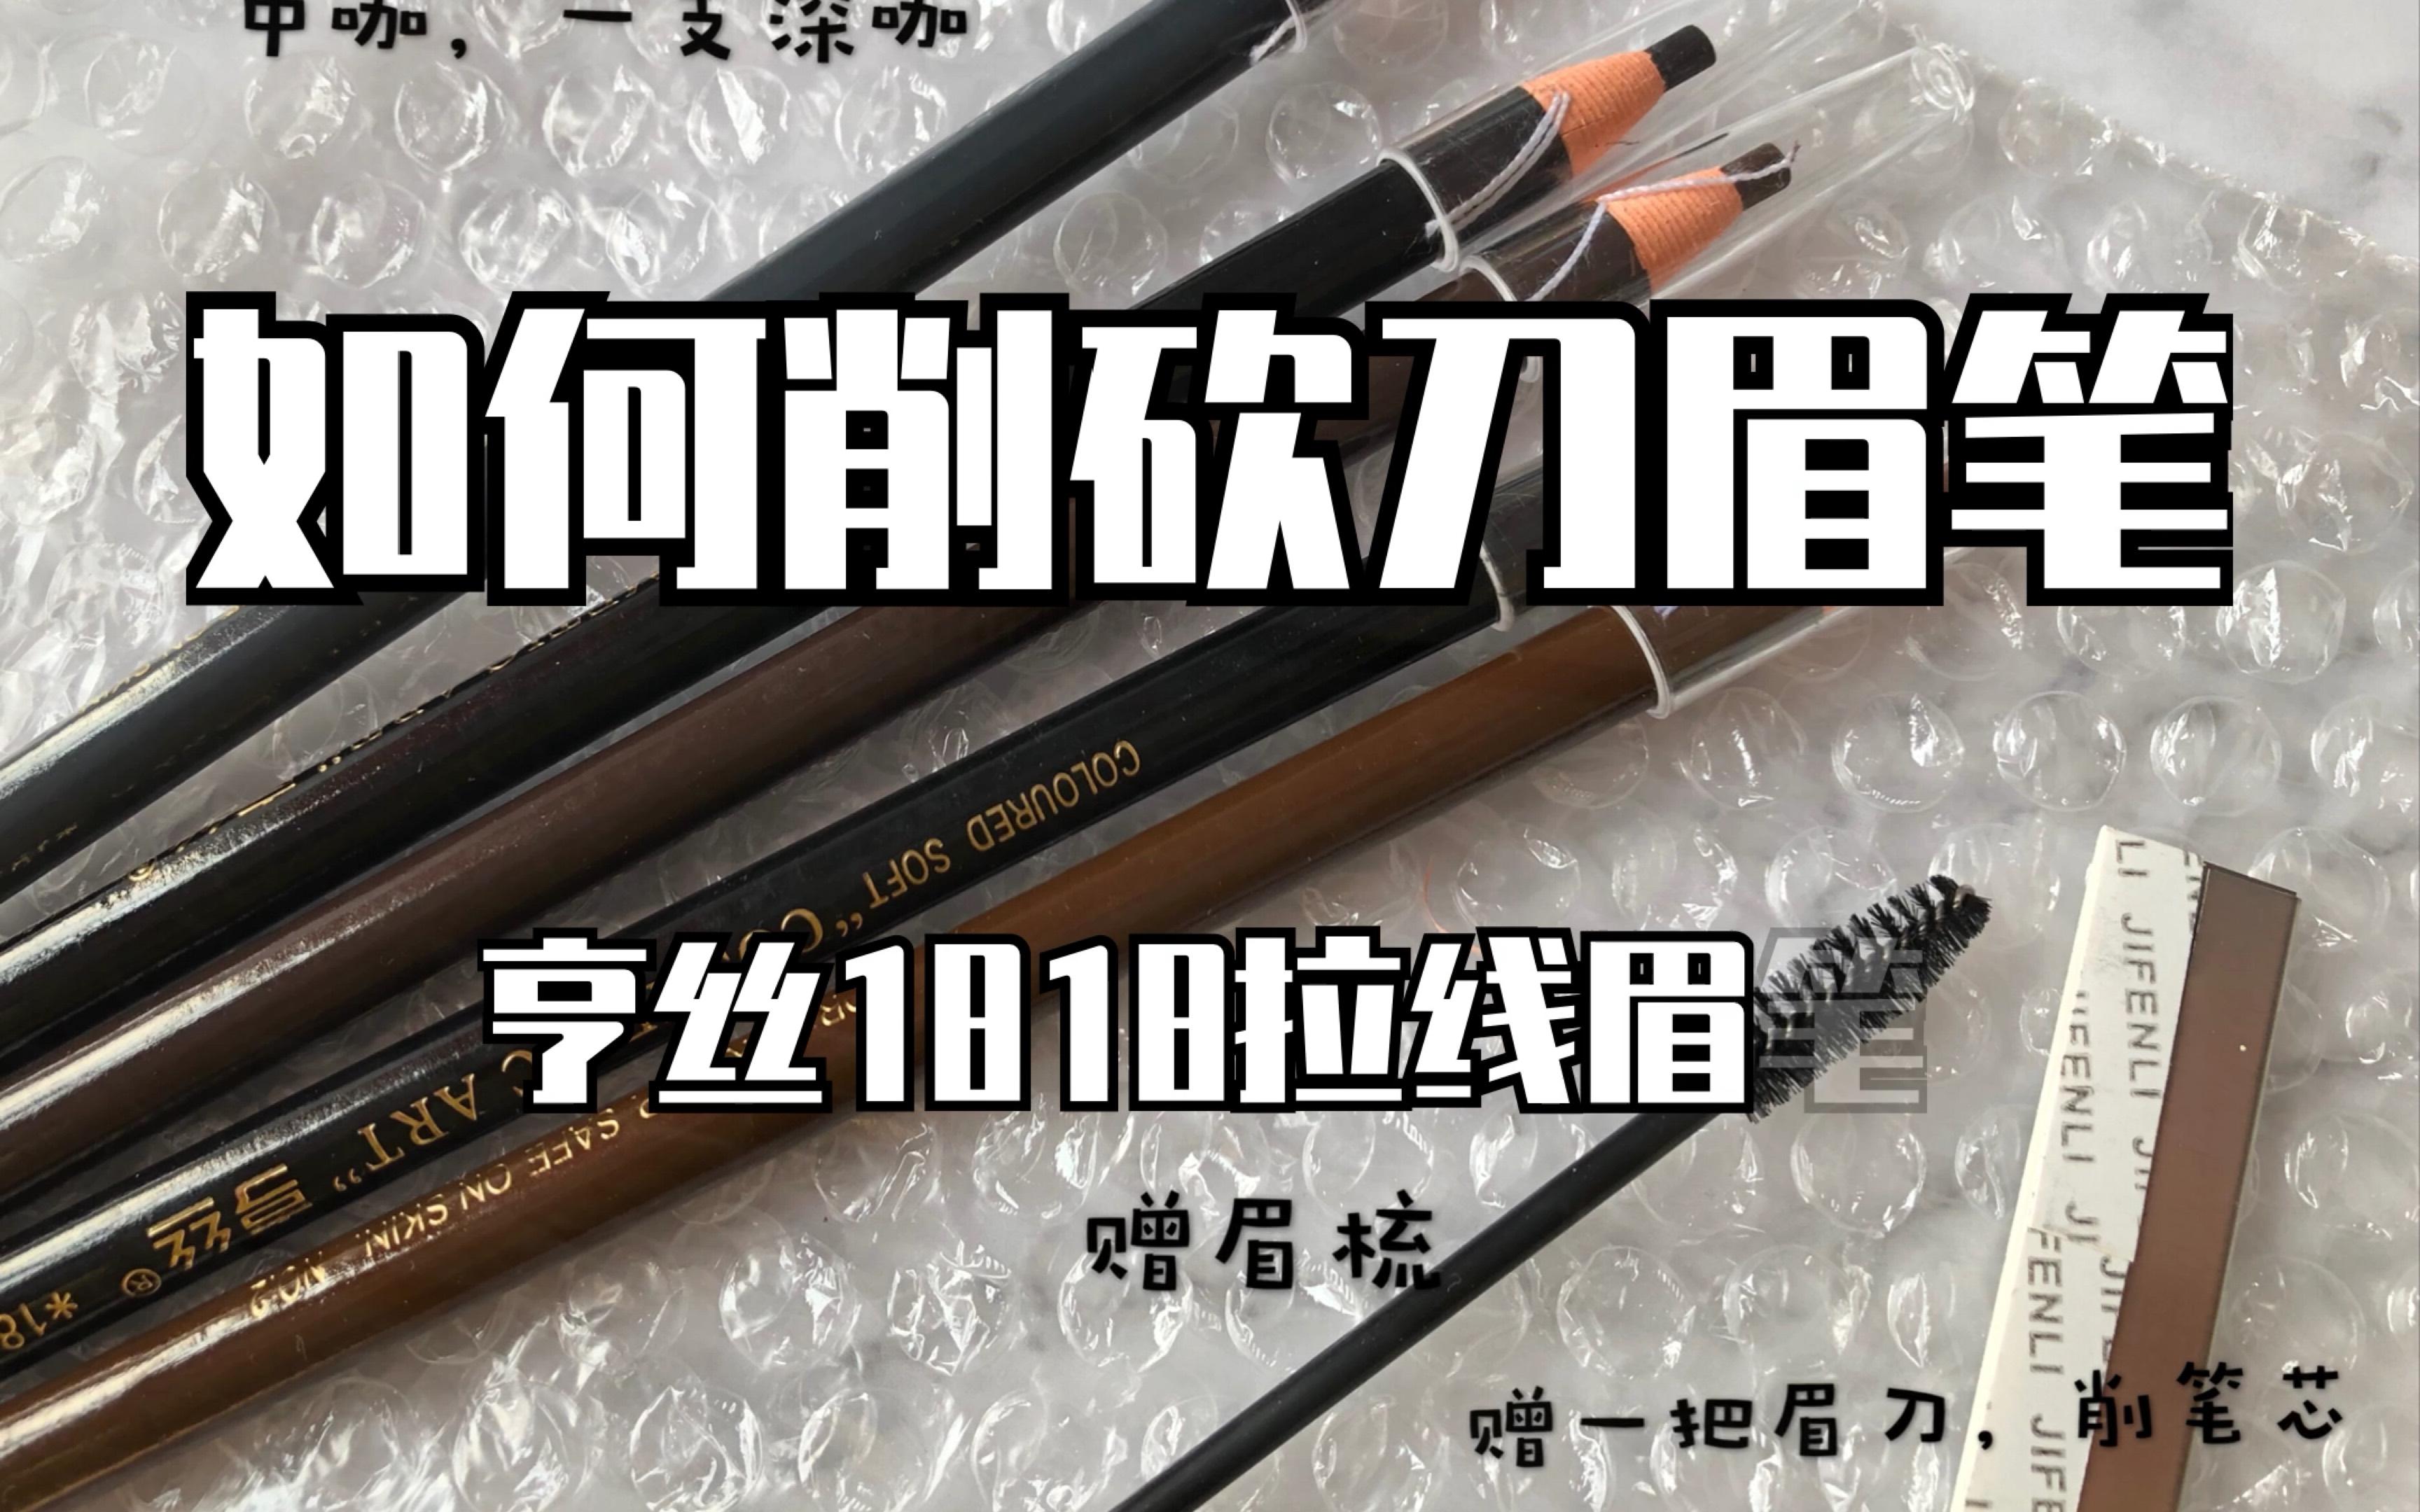 如何削砍刀眉笔/顺便种草一下性价比最高的国货眉笔-亨丝1818拉线眉笔